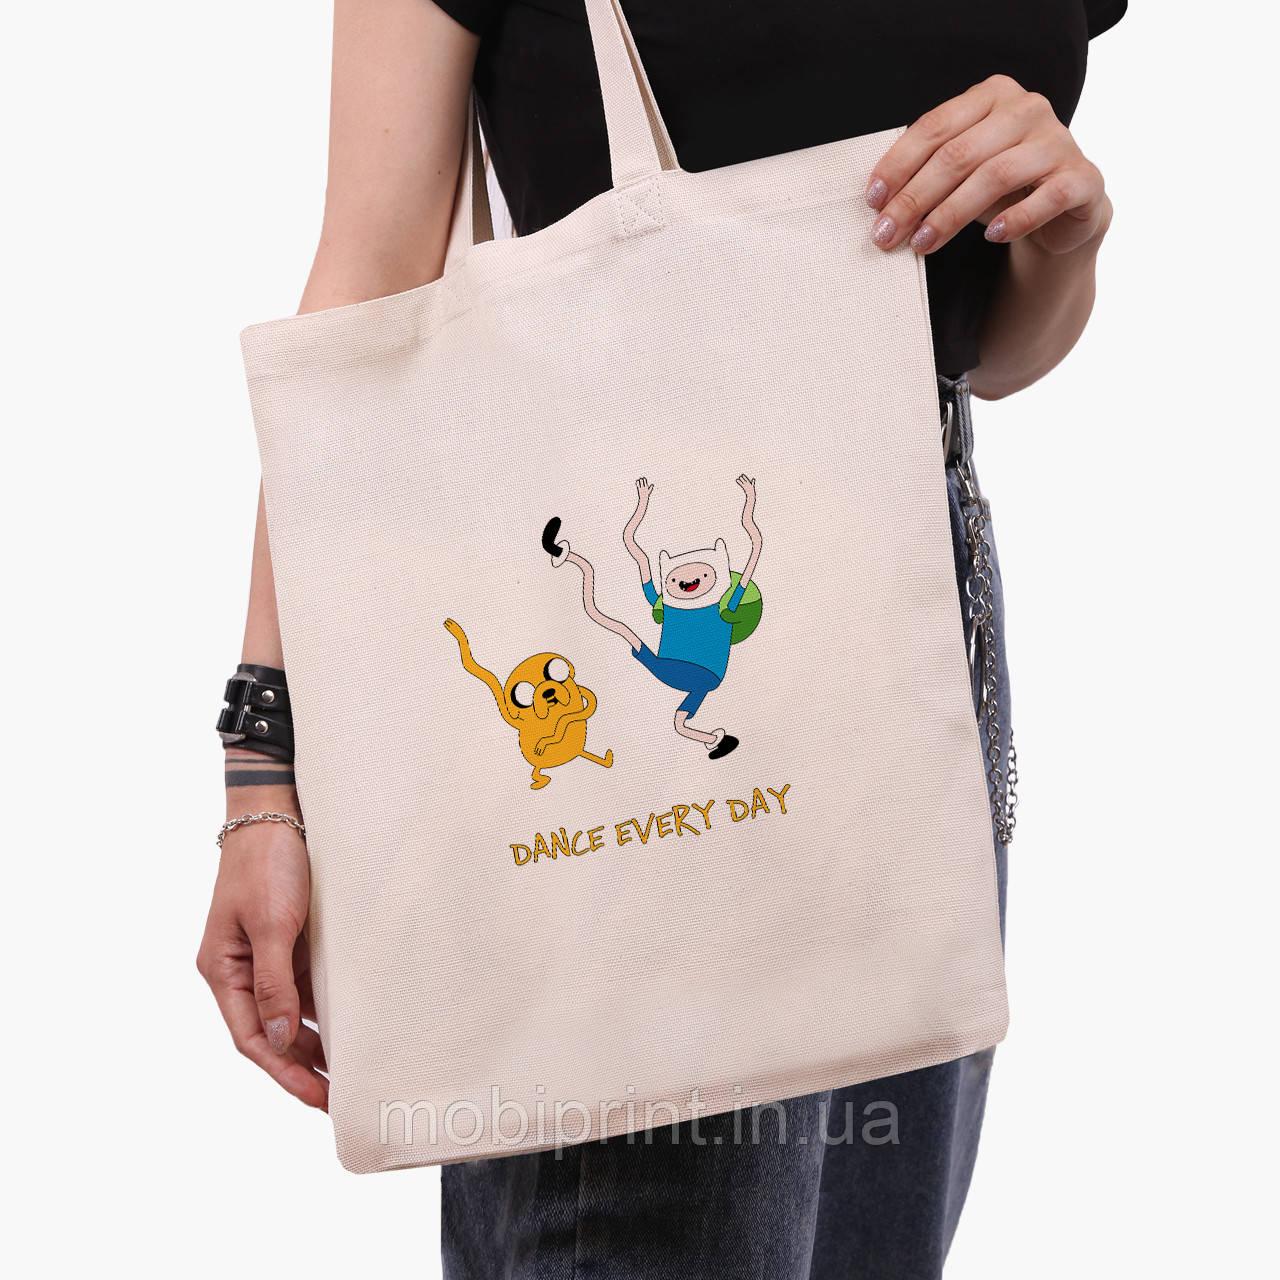 Еко сумка шоппер з принтом Фінн і Джейк пес (Adventure Time) (9227-1580)